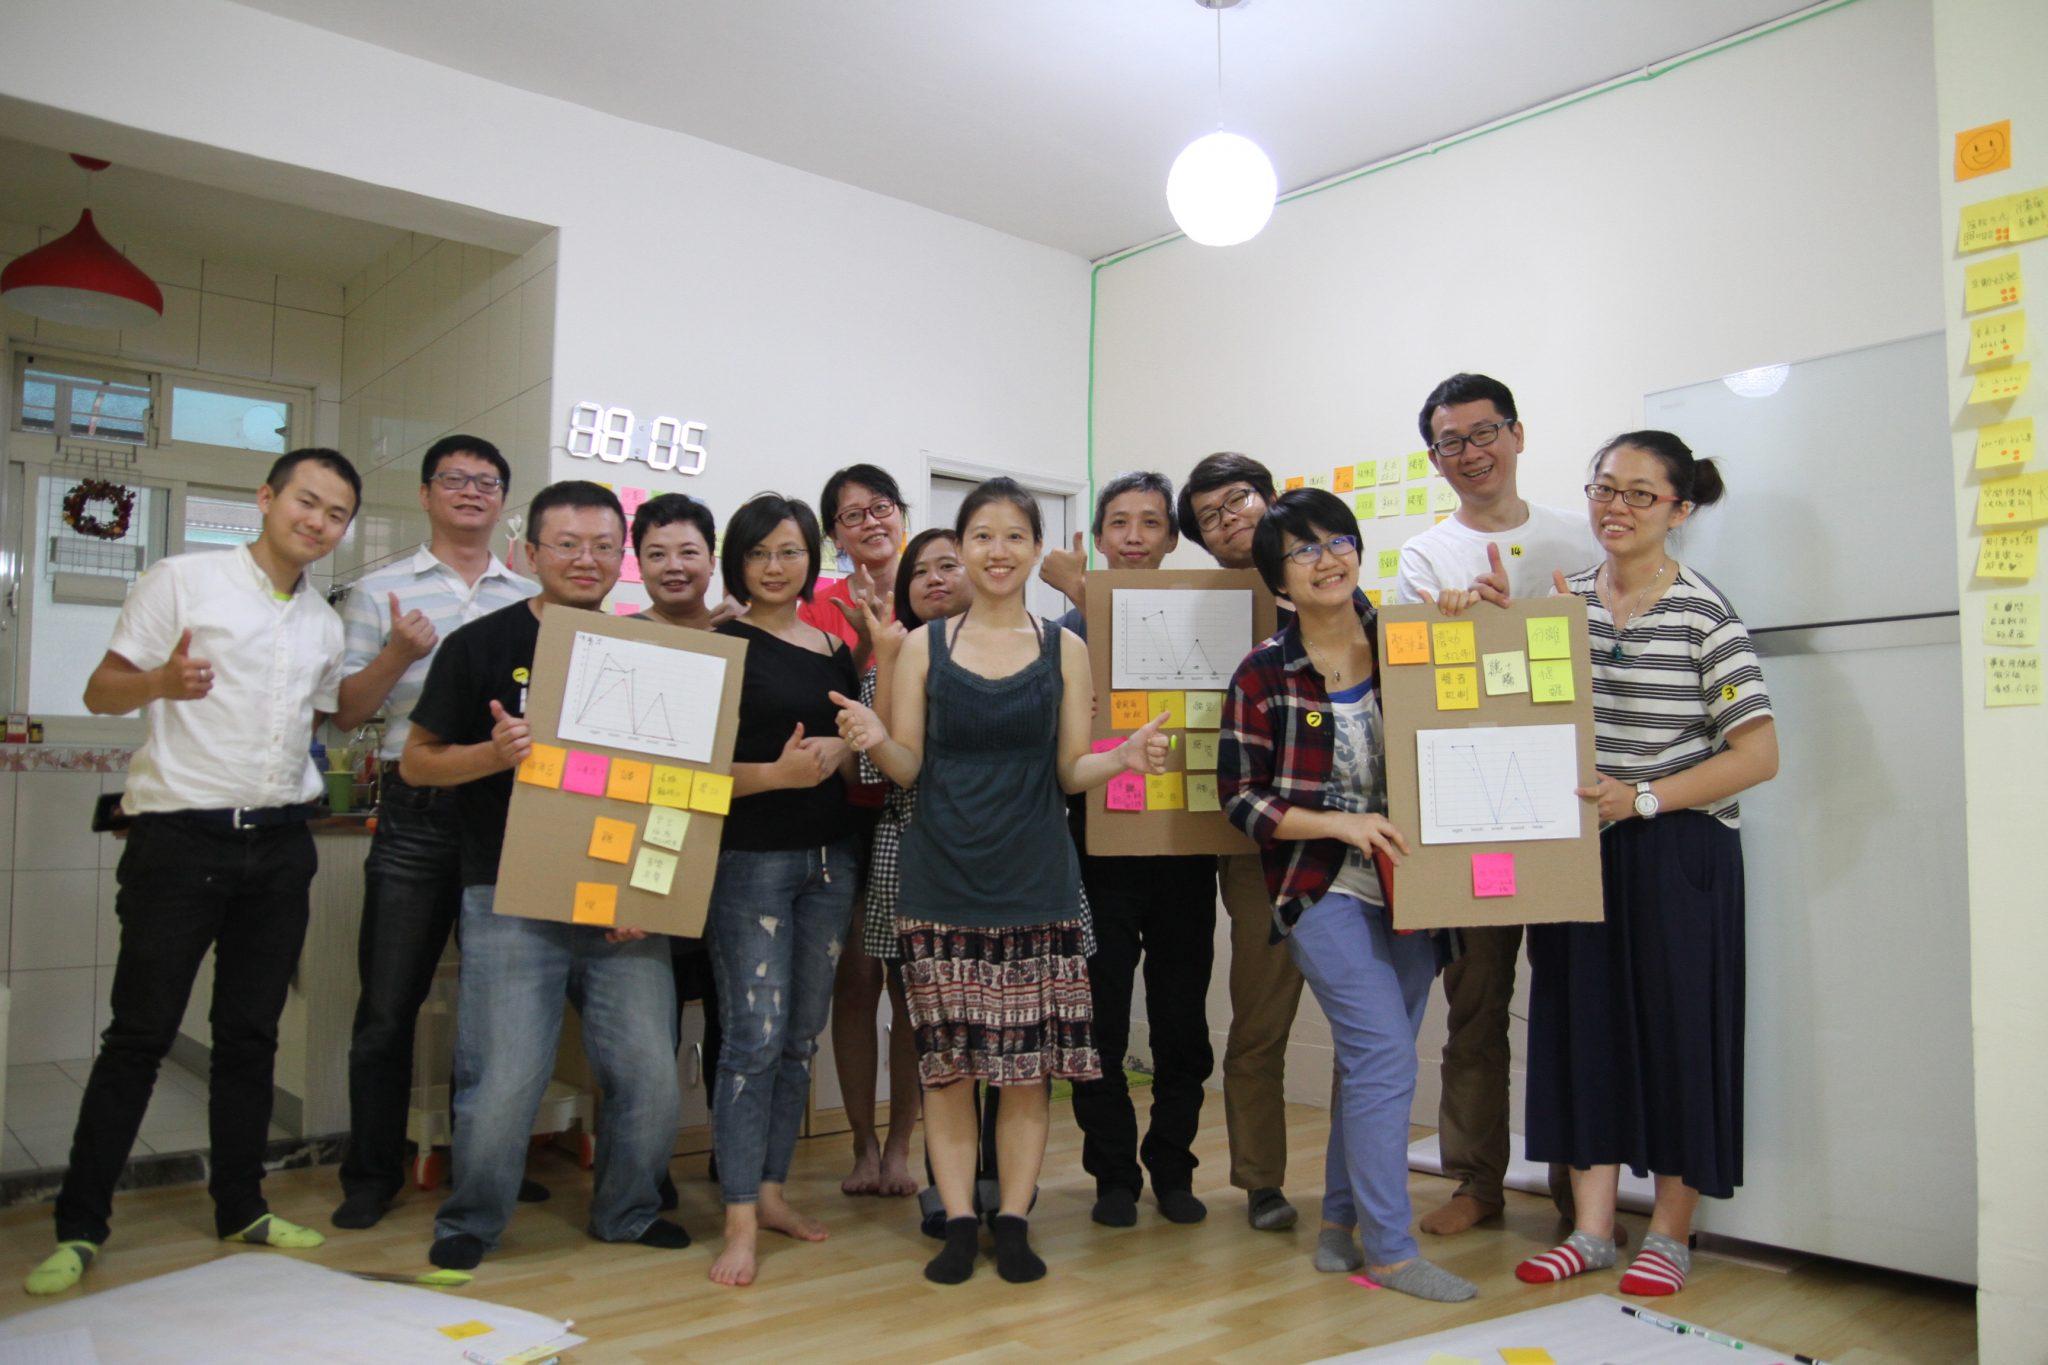 五感減一洞察訓練工作坊結束,學員們拿起成果和講師大合照